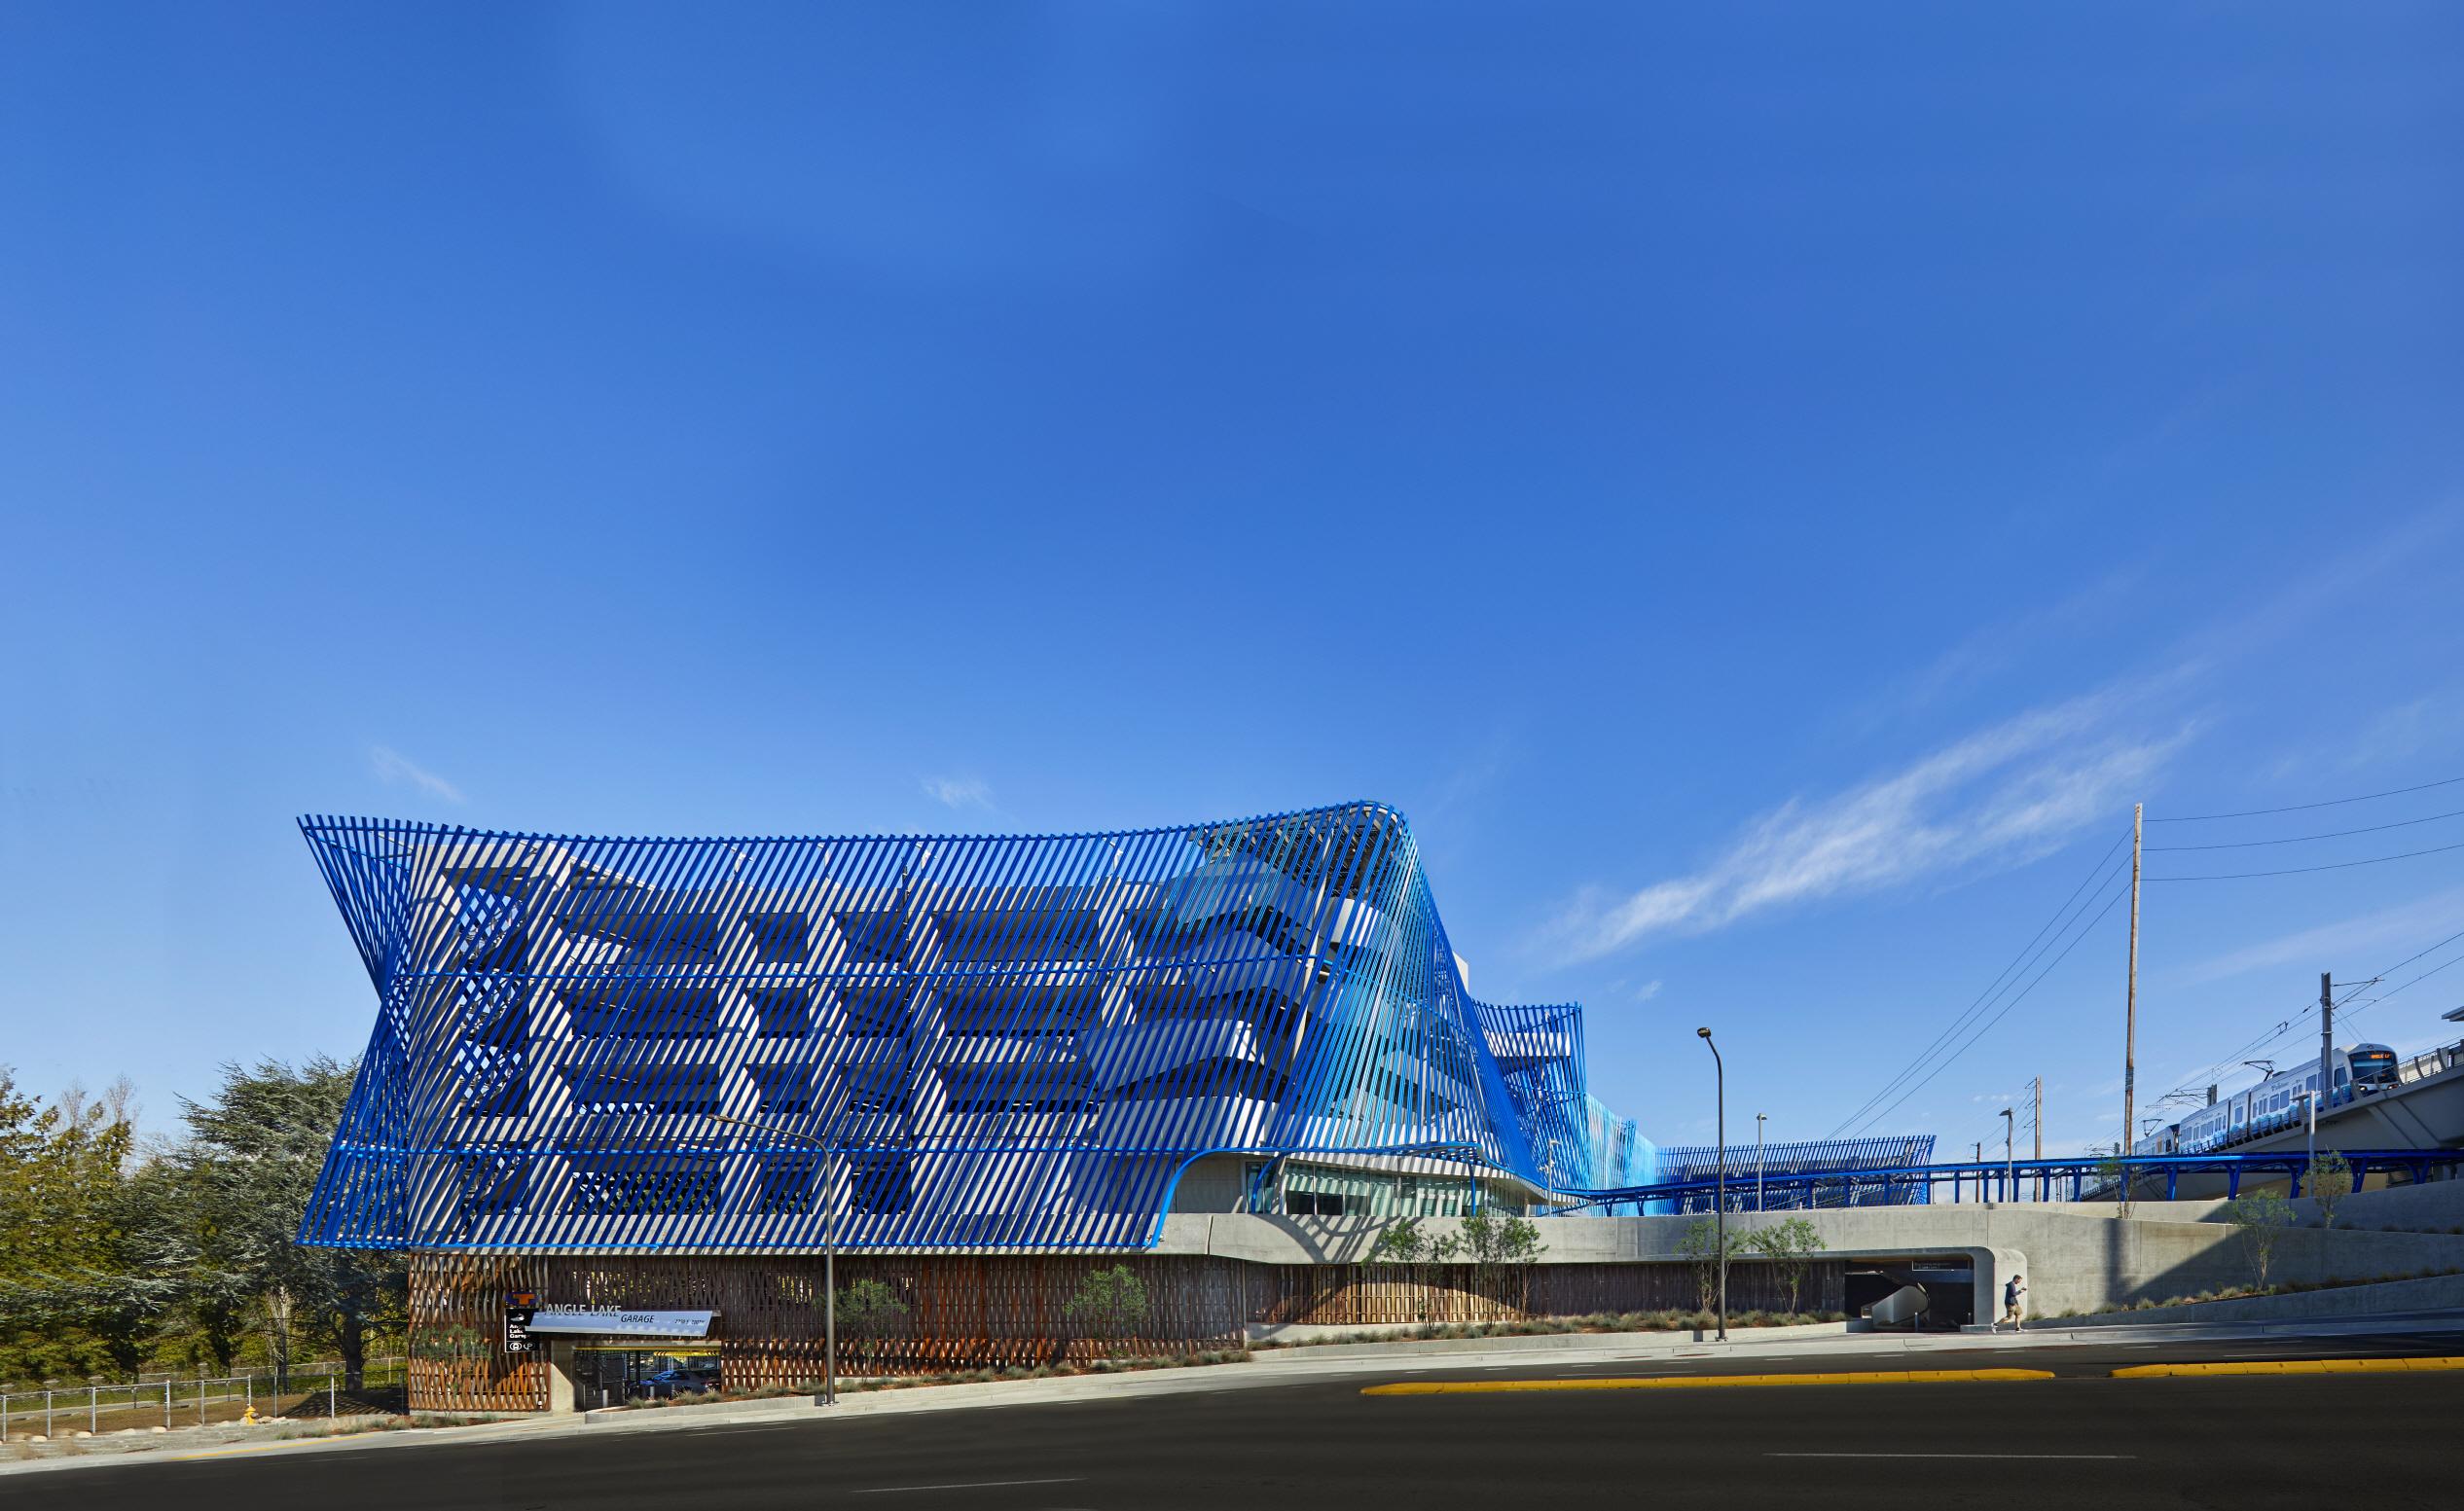 〔안정원의 건축 칼럼〕 안무가의 댄스 기하학에서 공간 라인을 매칭한 유기적인 디자인 1